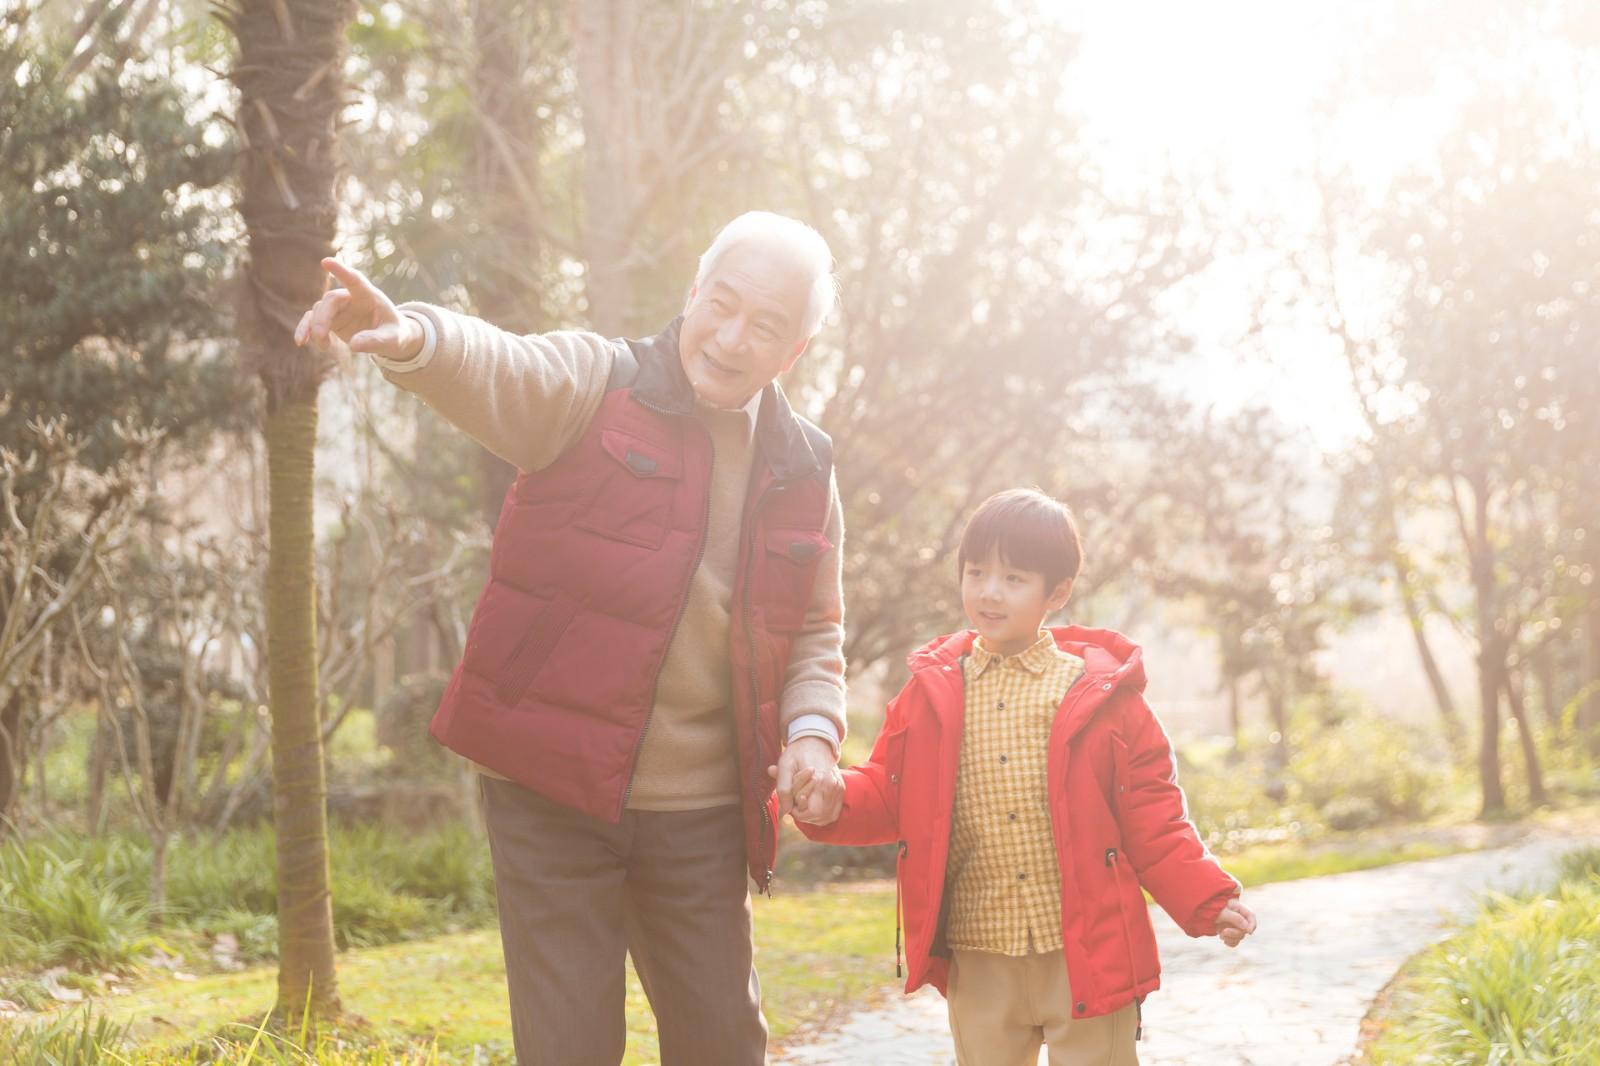 【每日一问】岳父用一套百万的房子,换一个孩子跟他姓,大家觉得值不值?